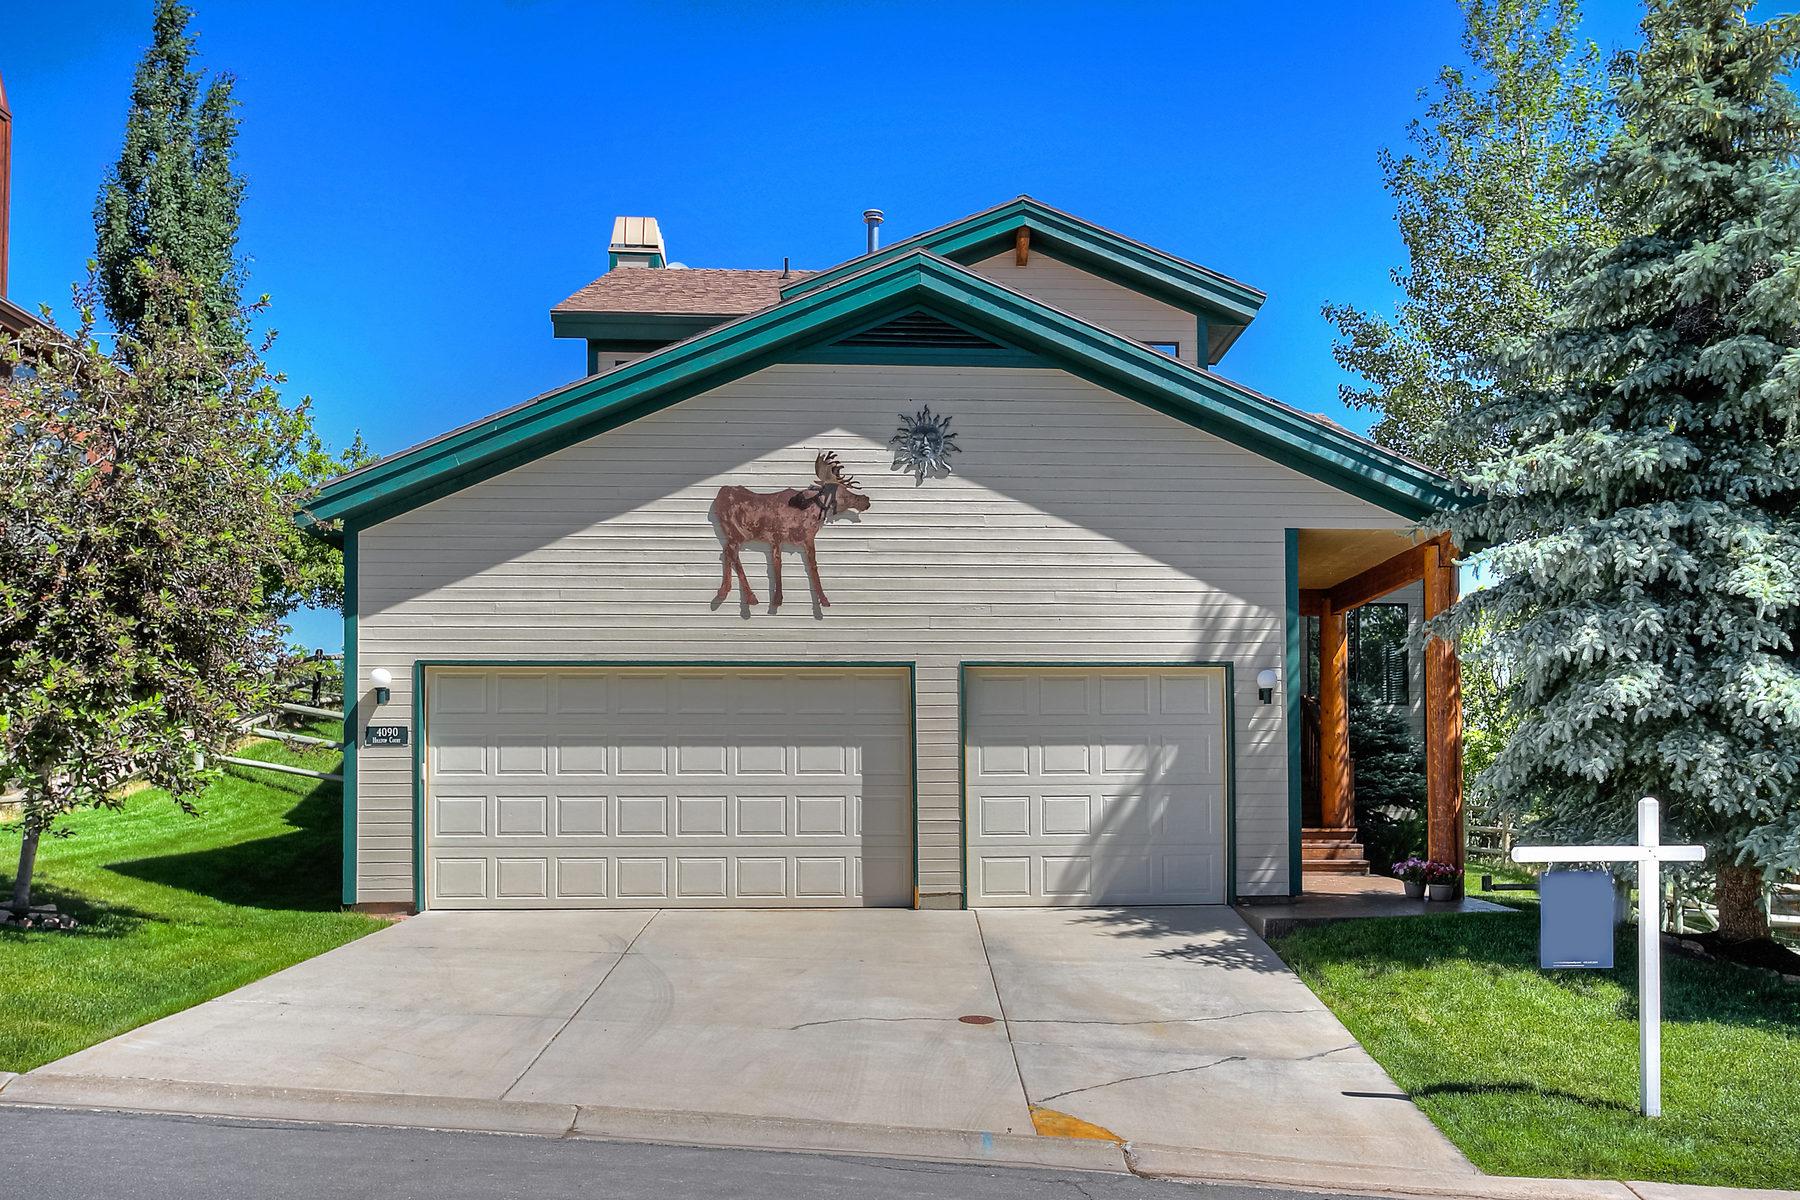 Частный односемейный дом для того Продажа на Charming Home with Amazing Views 4090 Hilltop Ct Park City, Юта 84098 Соединенные Штаты